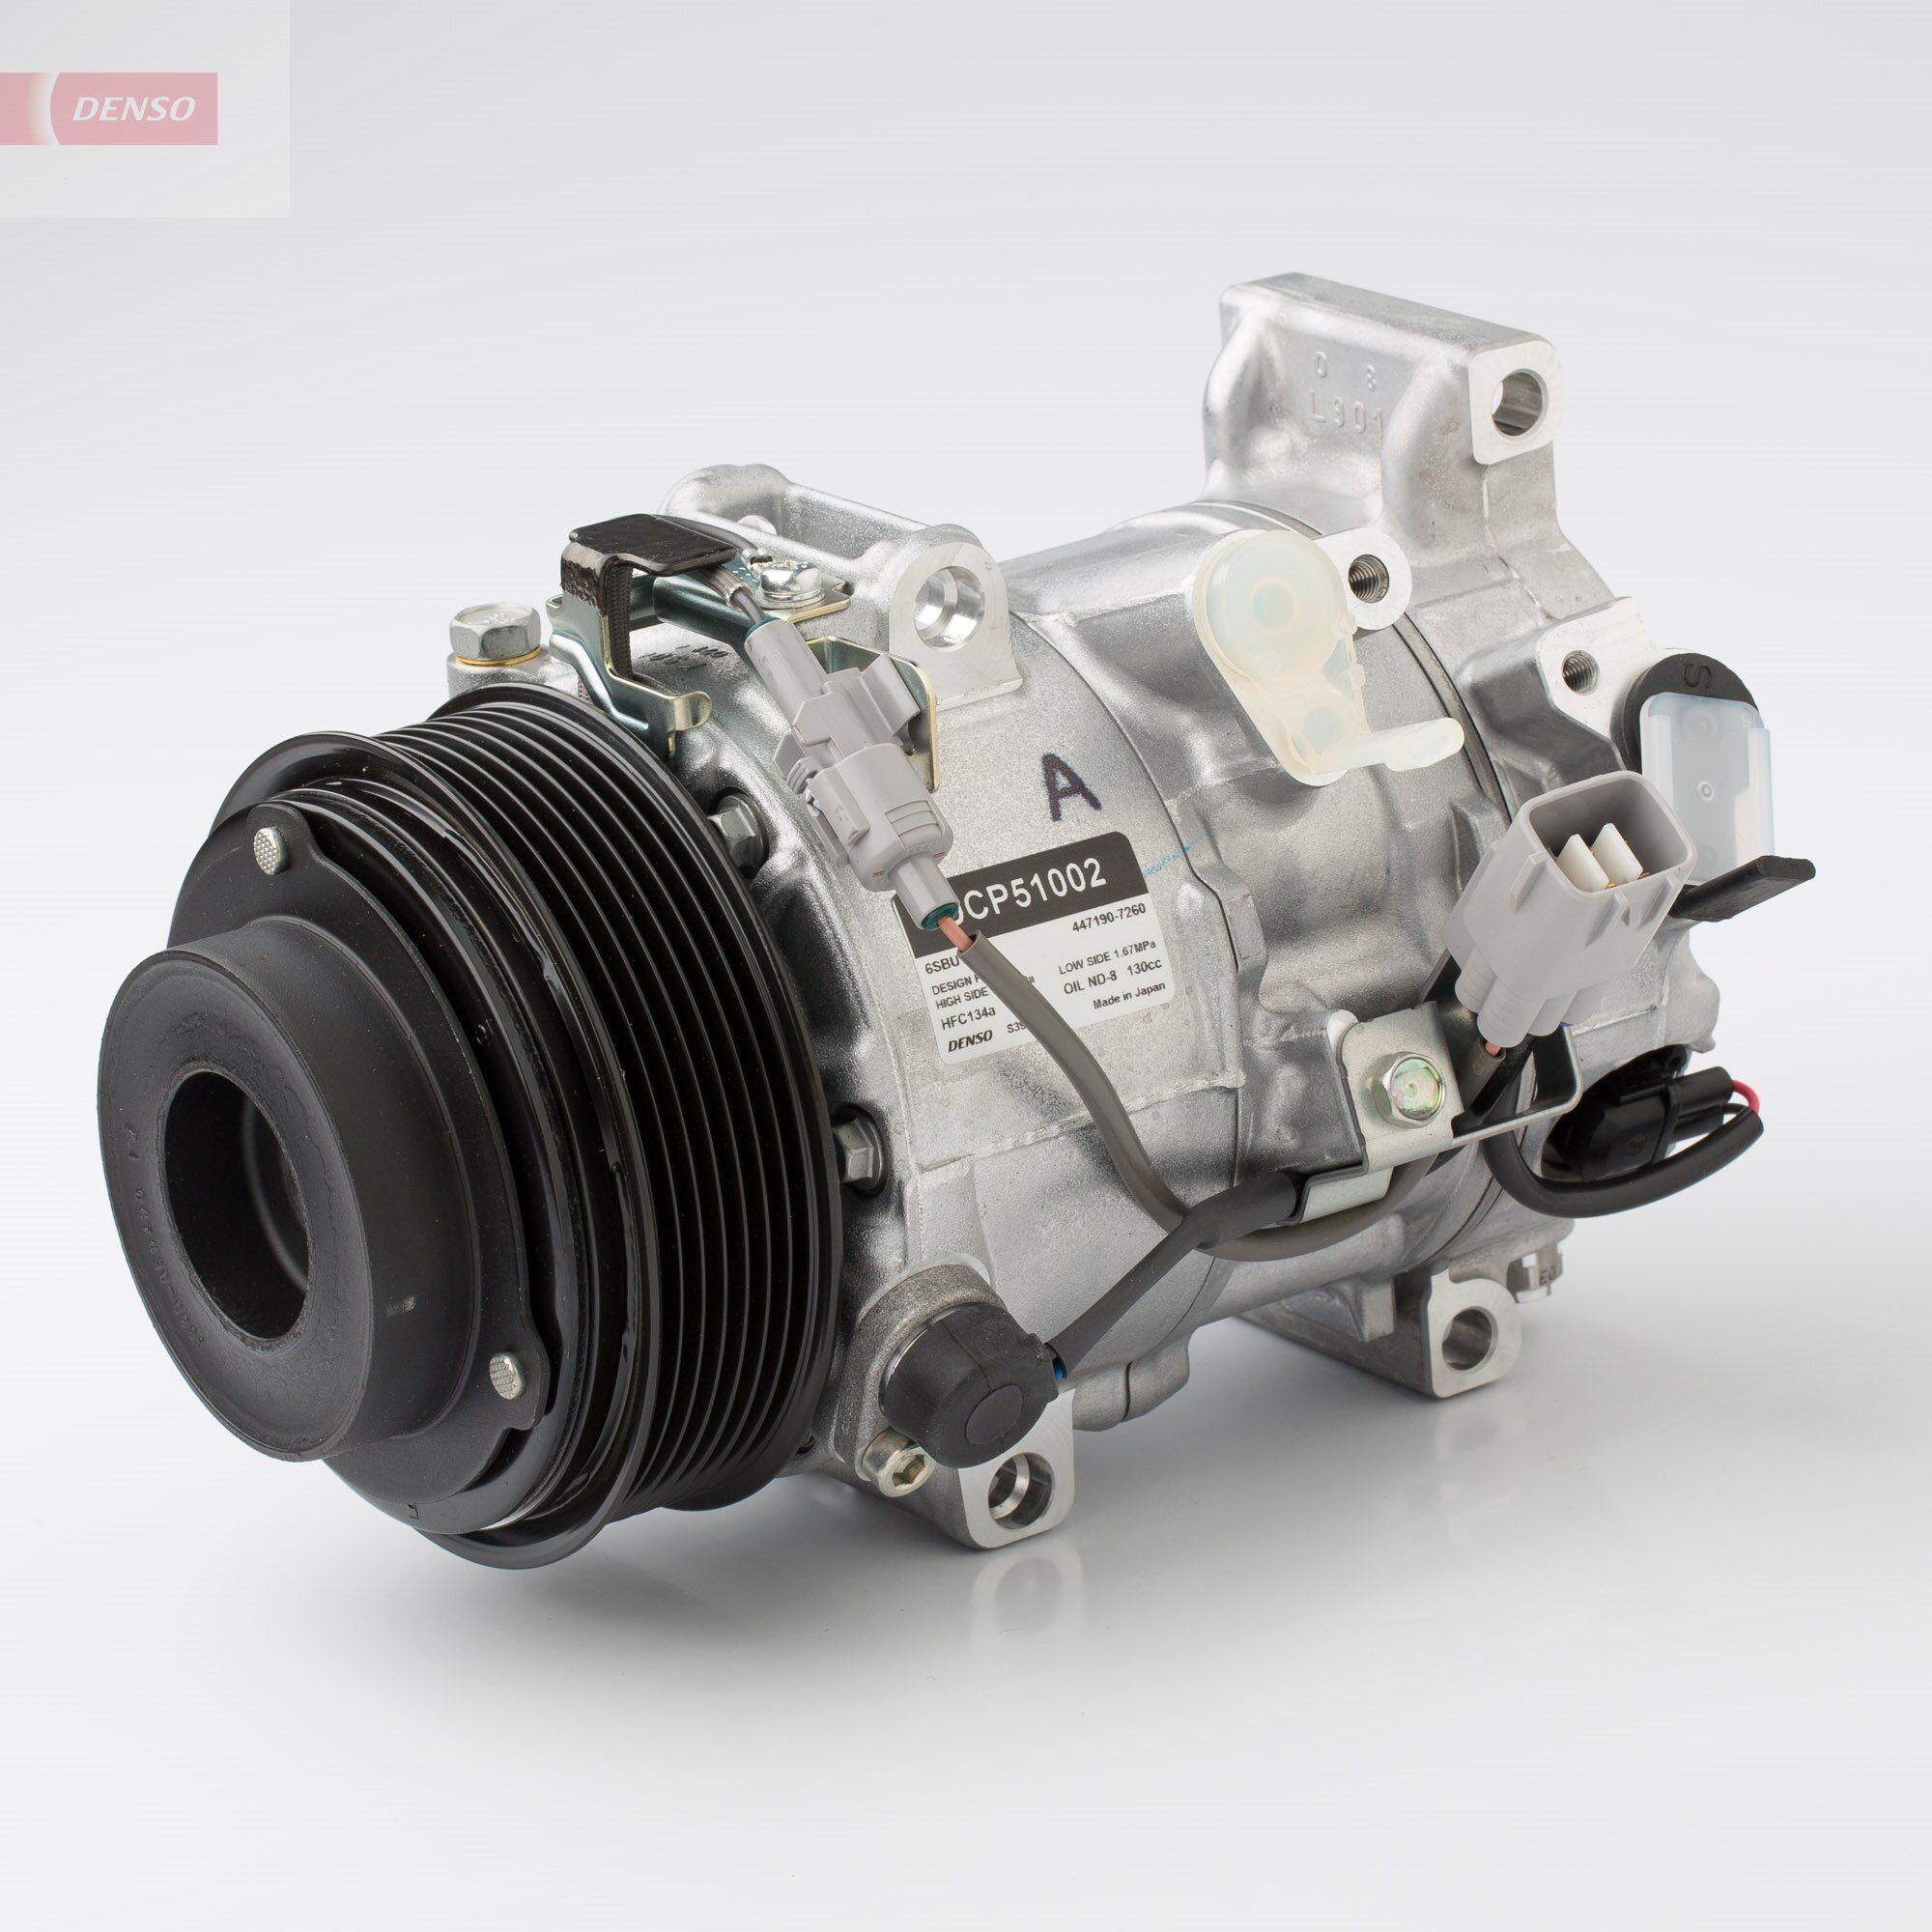 Kompressor DENSO DCP51002